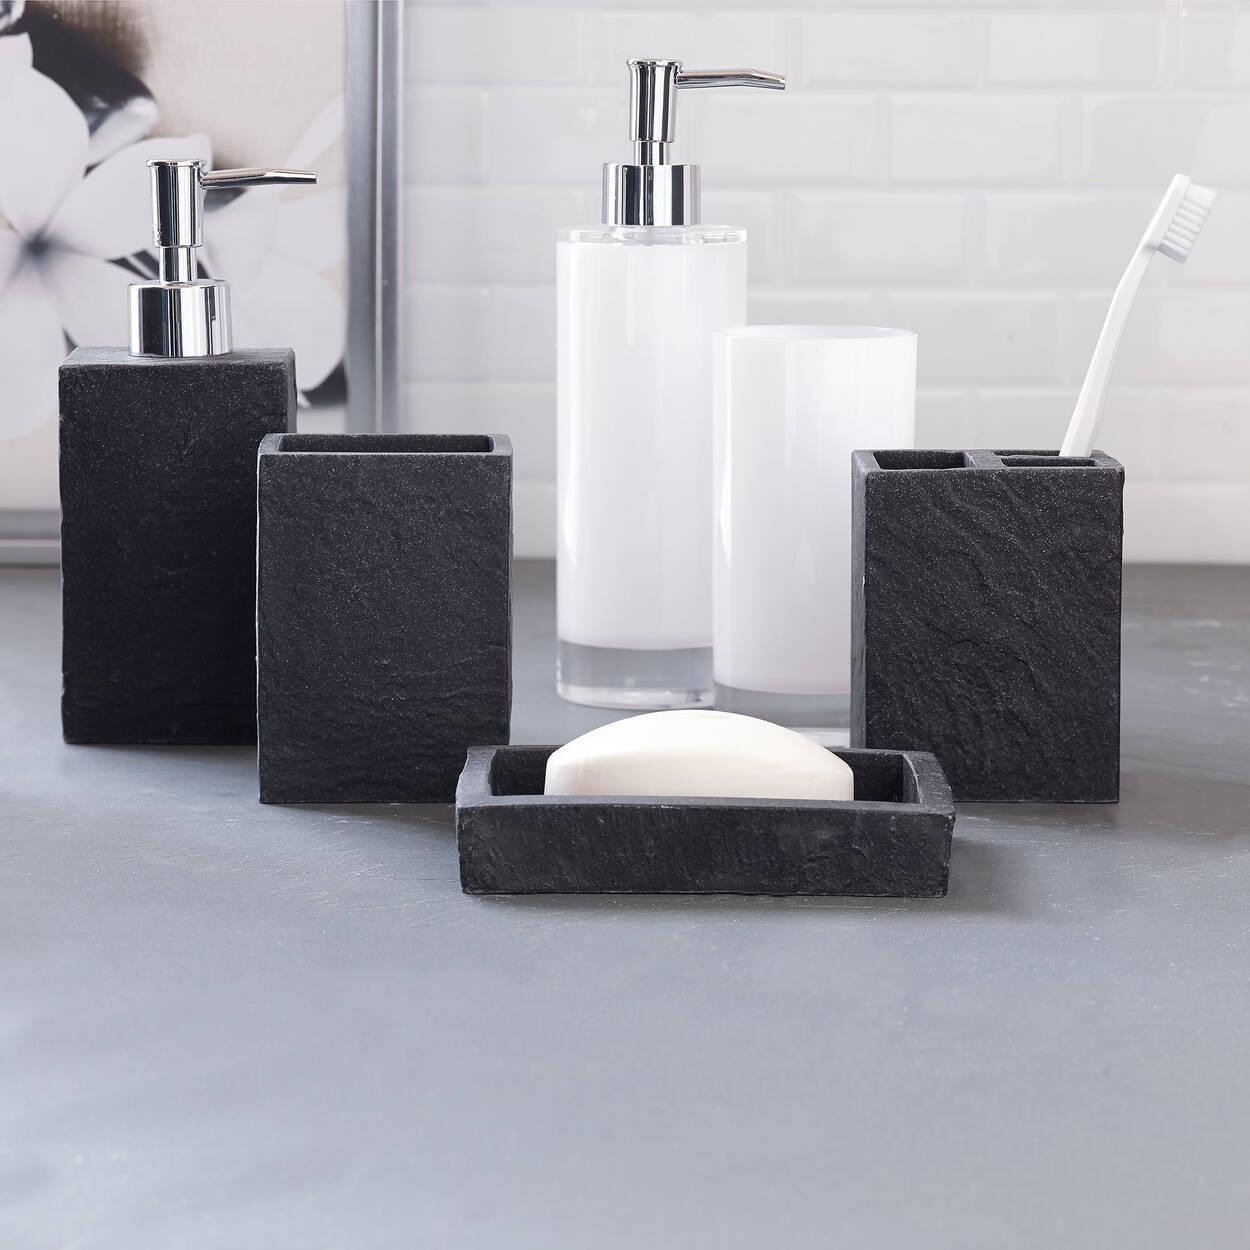 Distributeur de savon for Accessoires de salle de bain bouclair